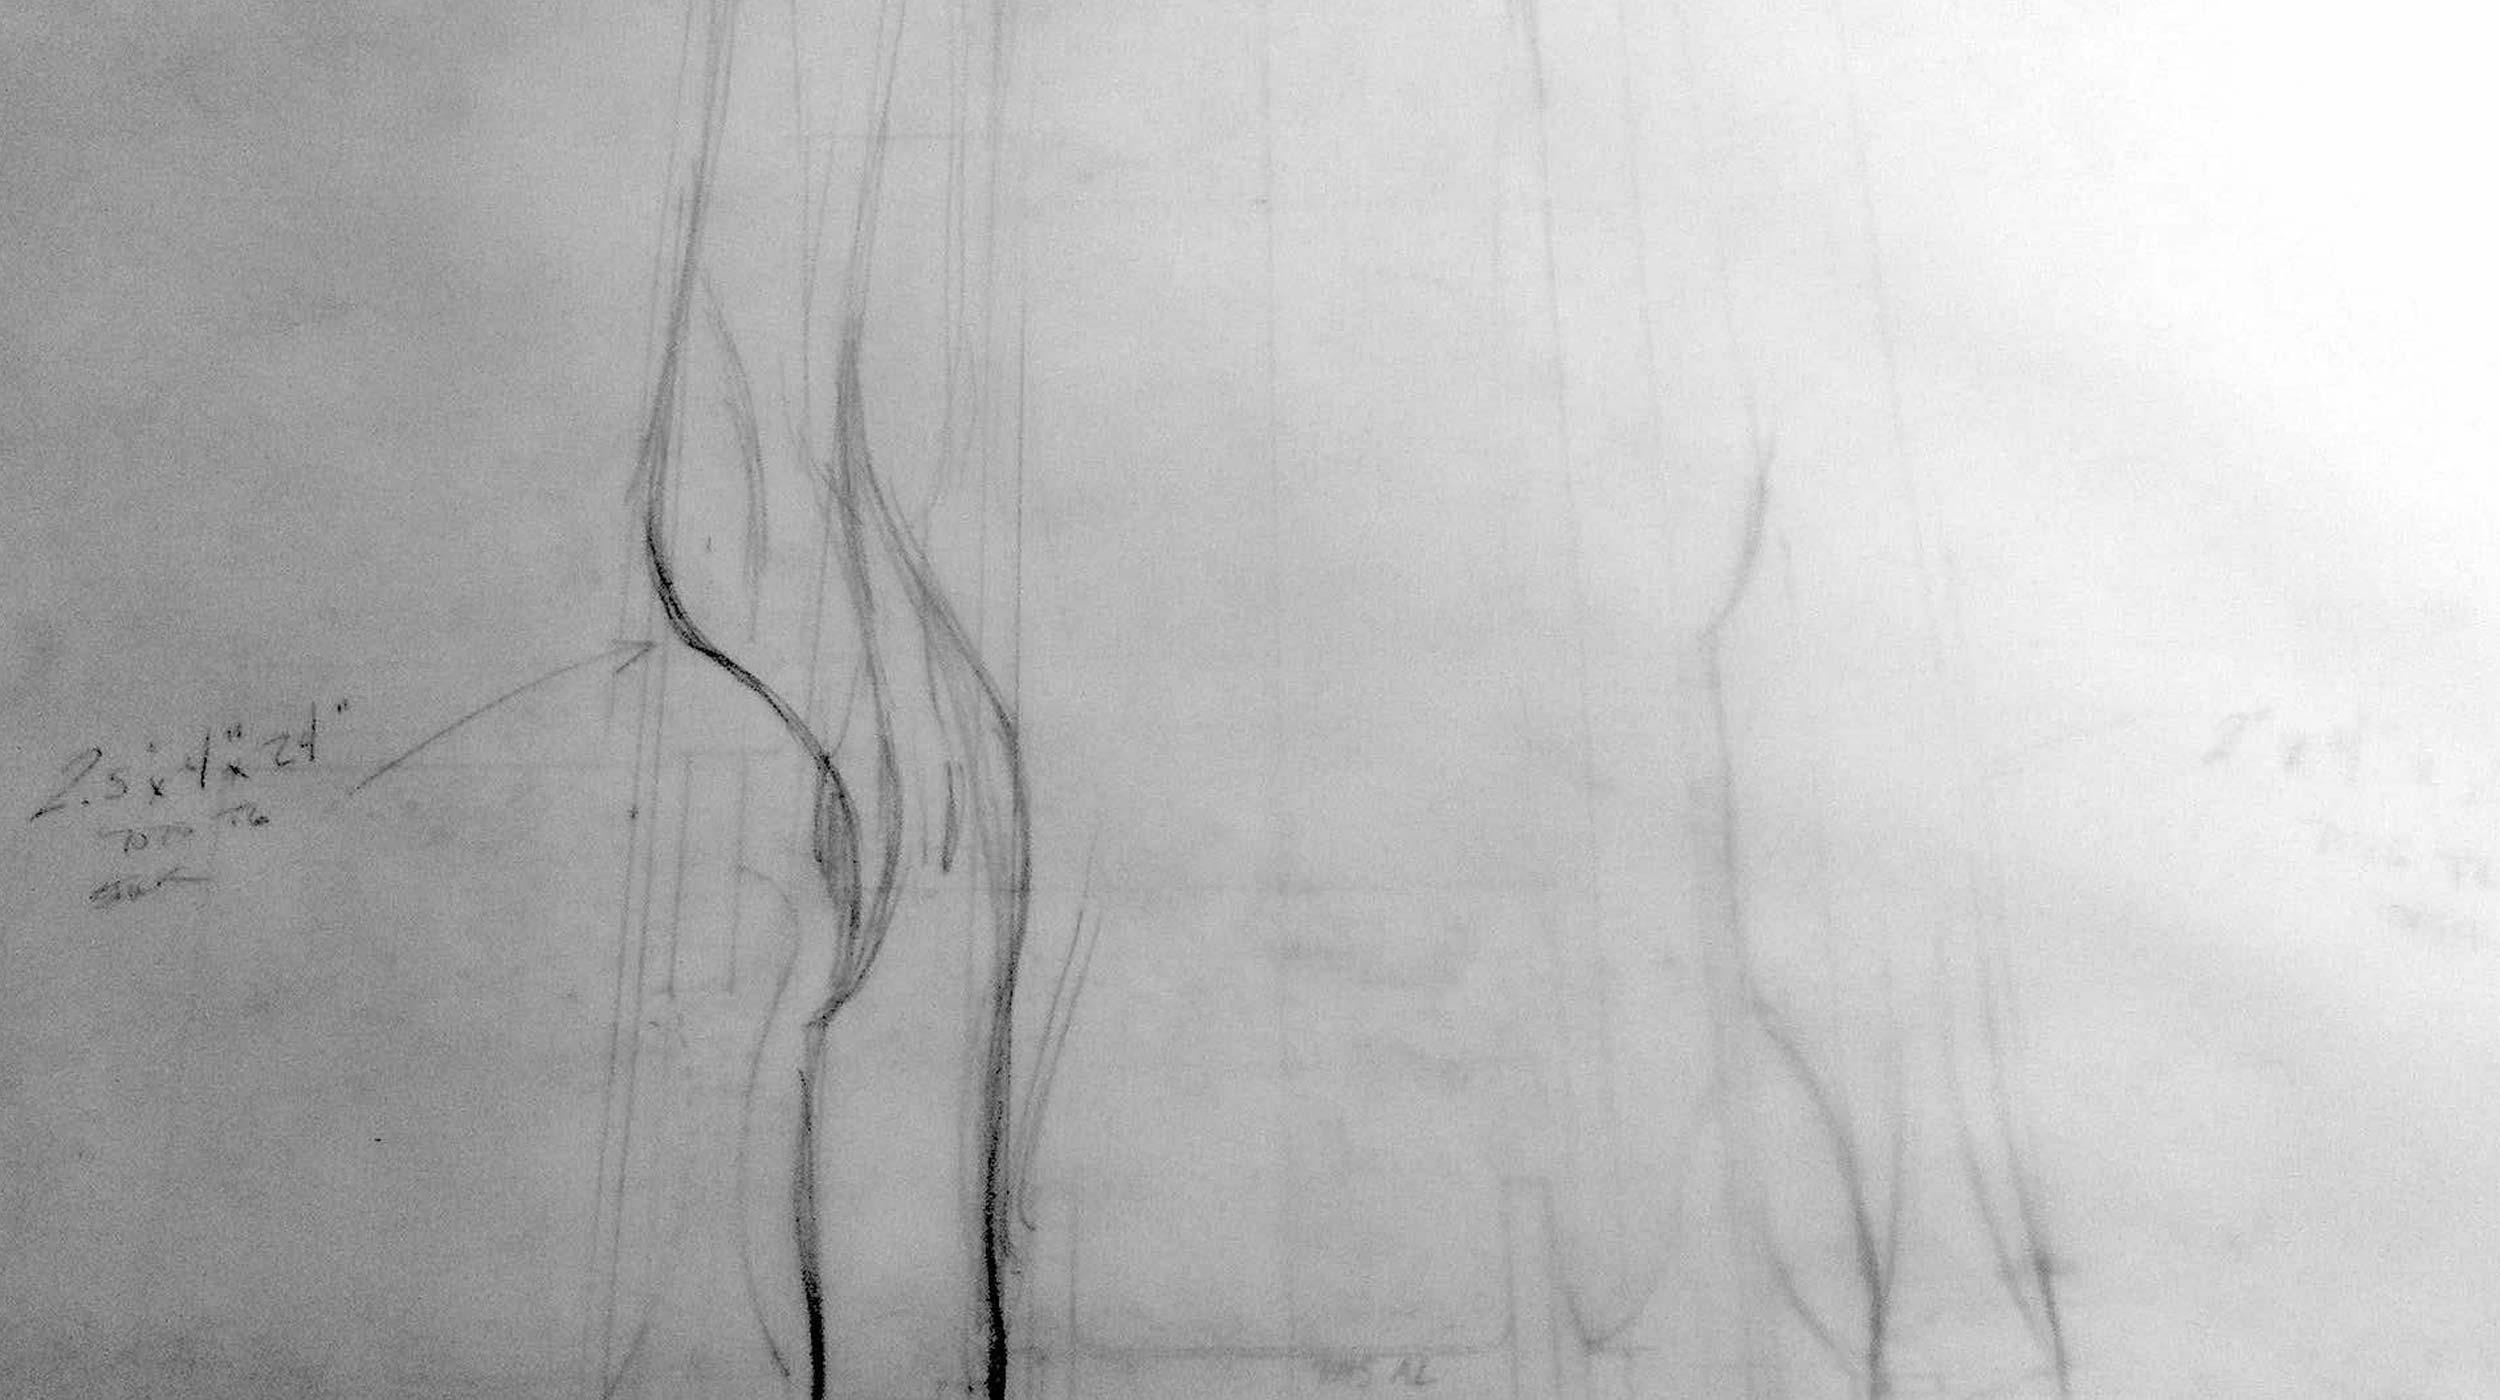 White-Swingarm-Sketch-Full-Web.jpg